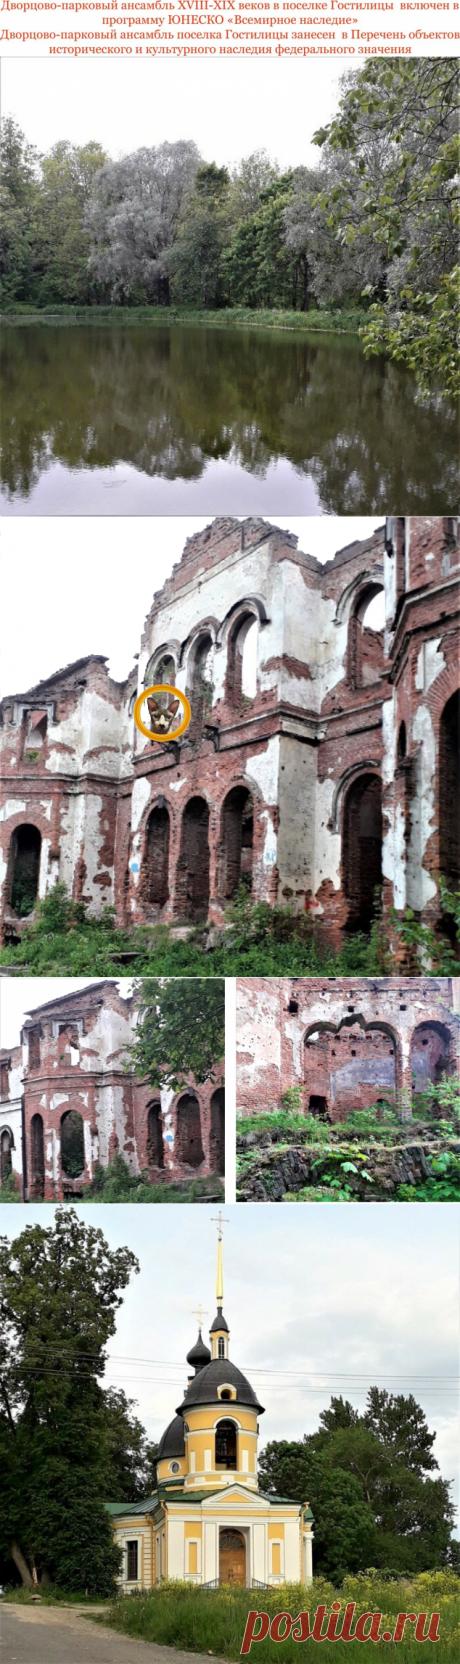 Романтические руины совсем недалеко от Петергофа. А какая разница | Истории людей, вещей и мест | Яндекс Дзен